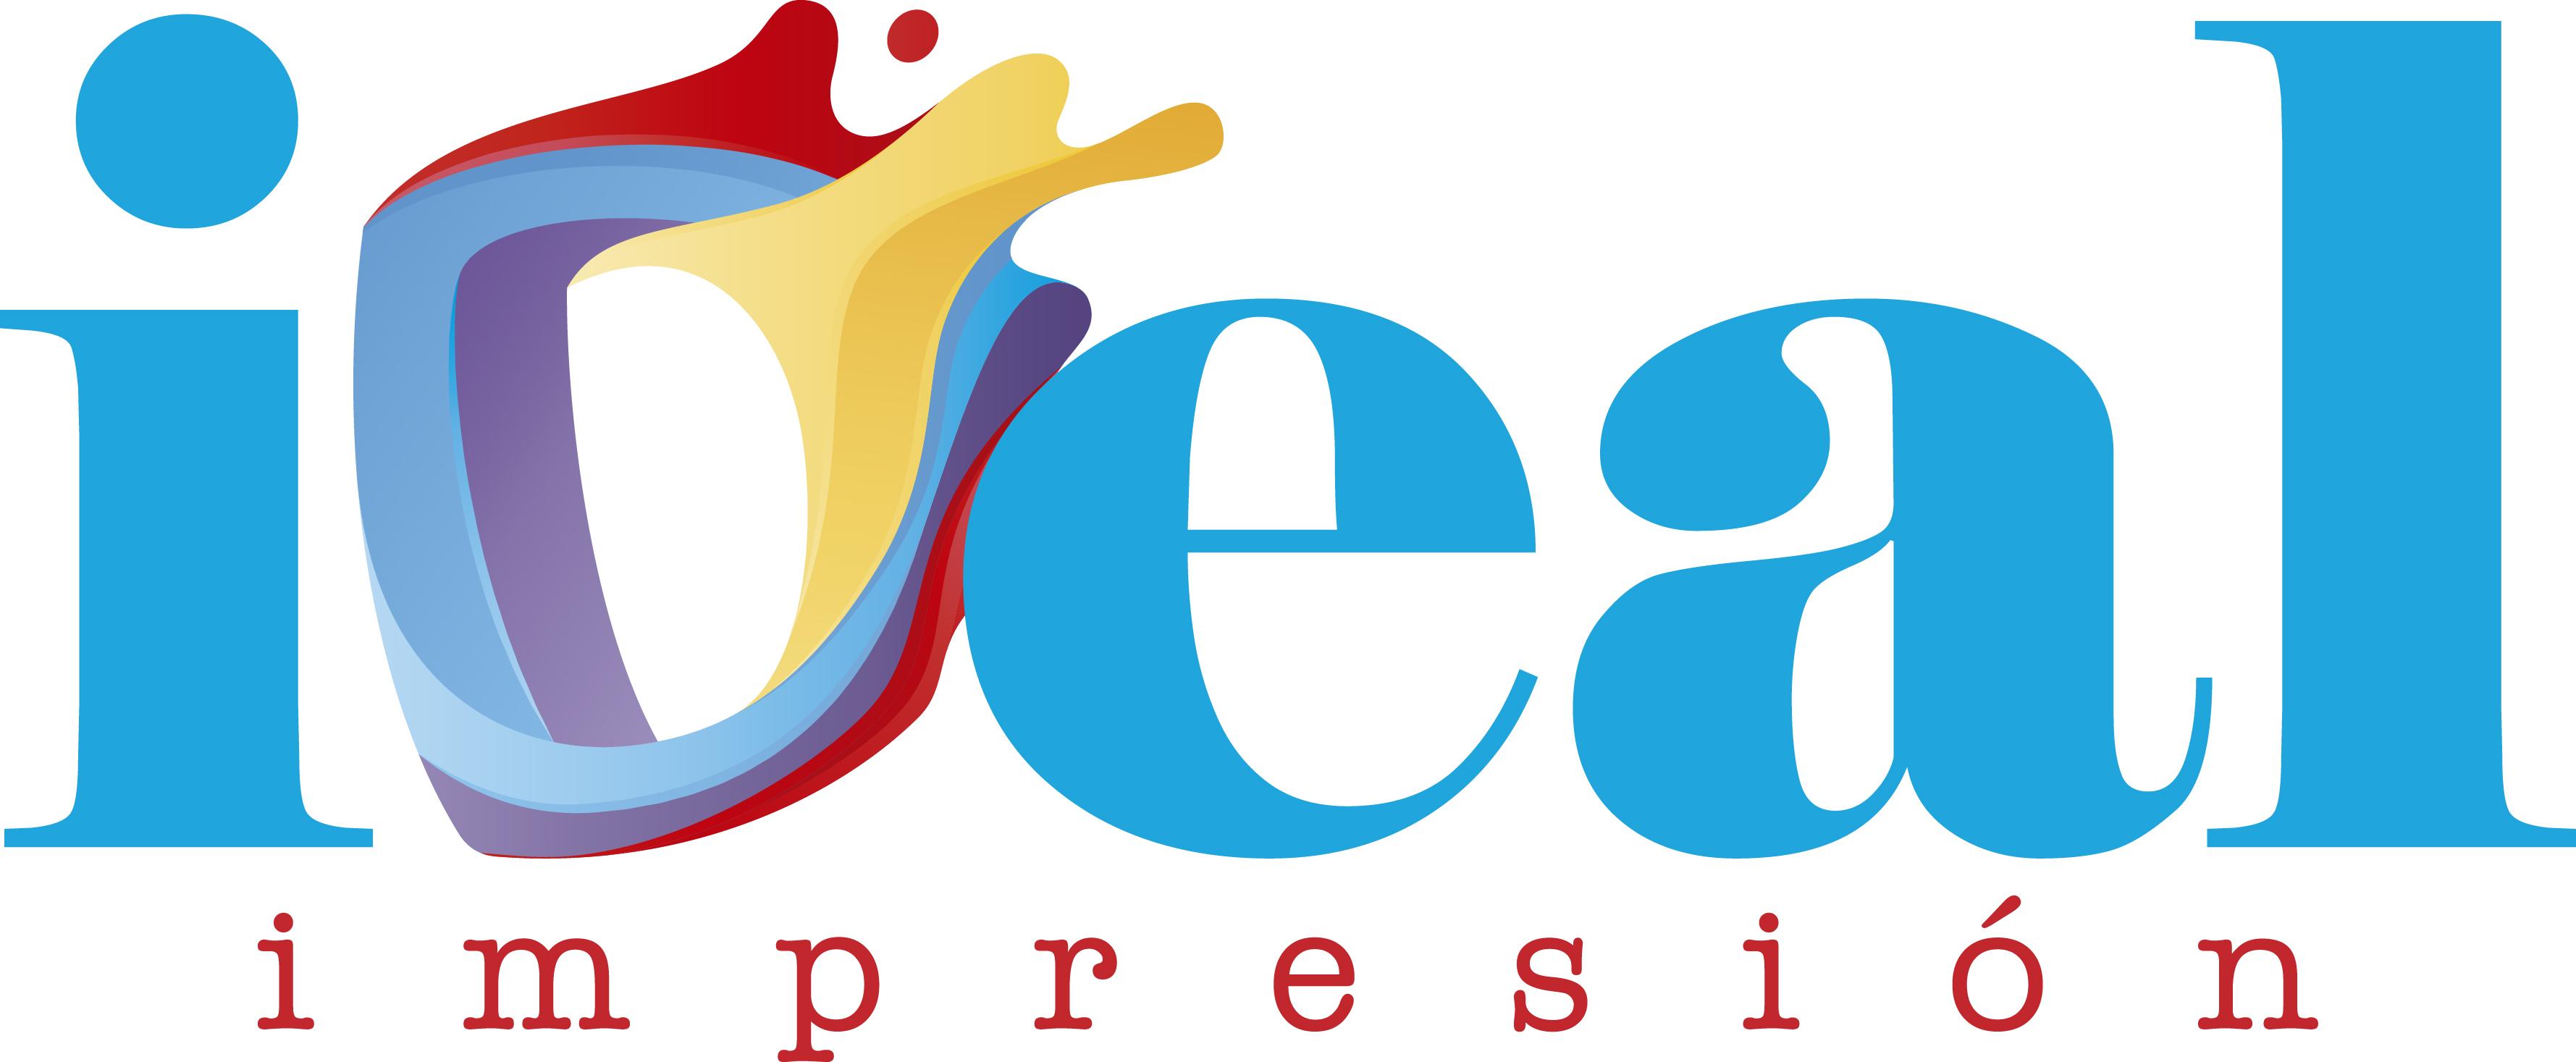 Impresión ideal